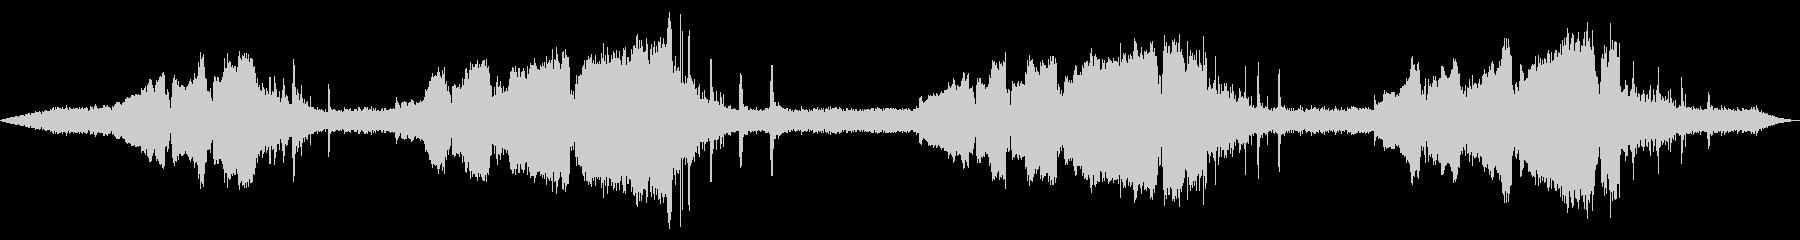 ヤマハ450 Ccモトクロス:オン...の未再生の波形